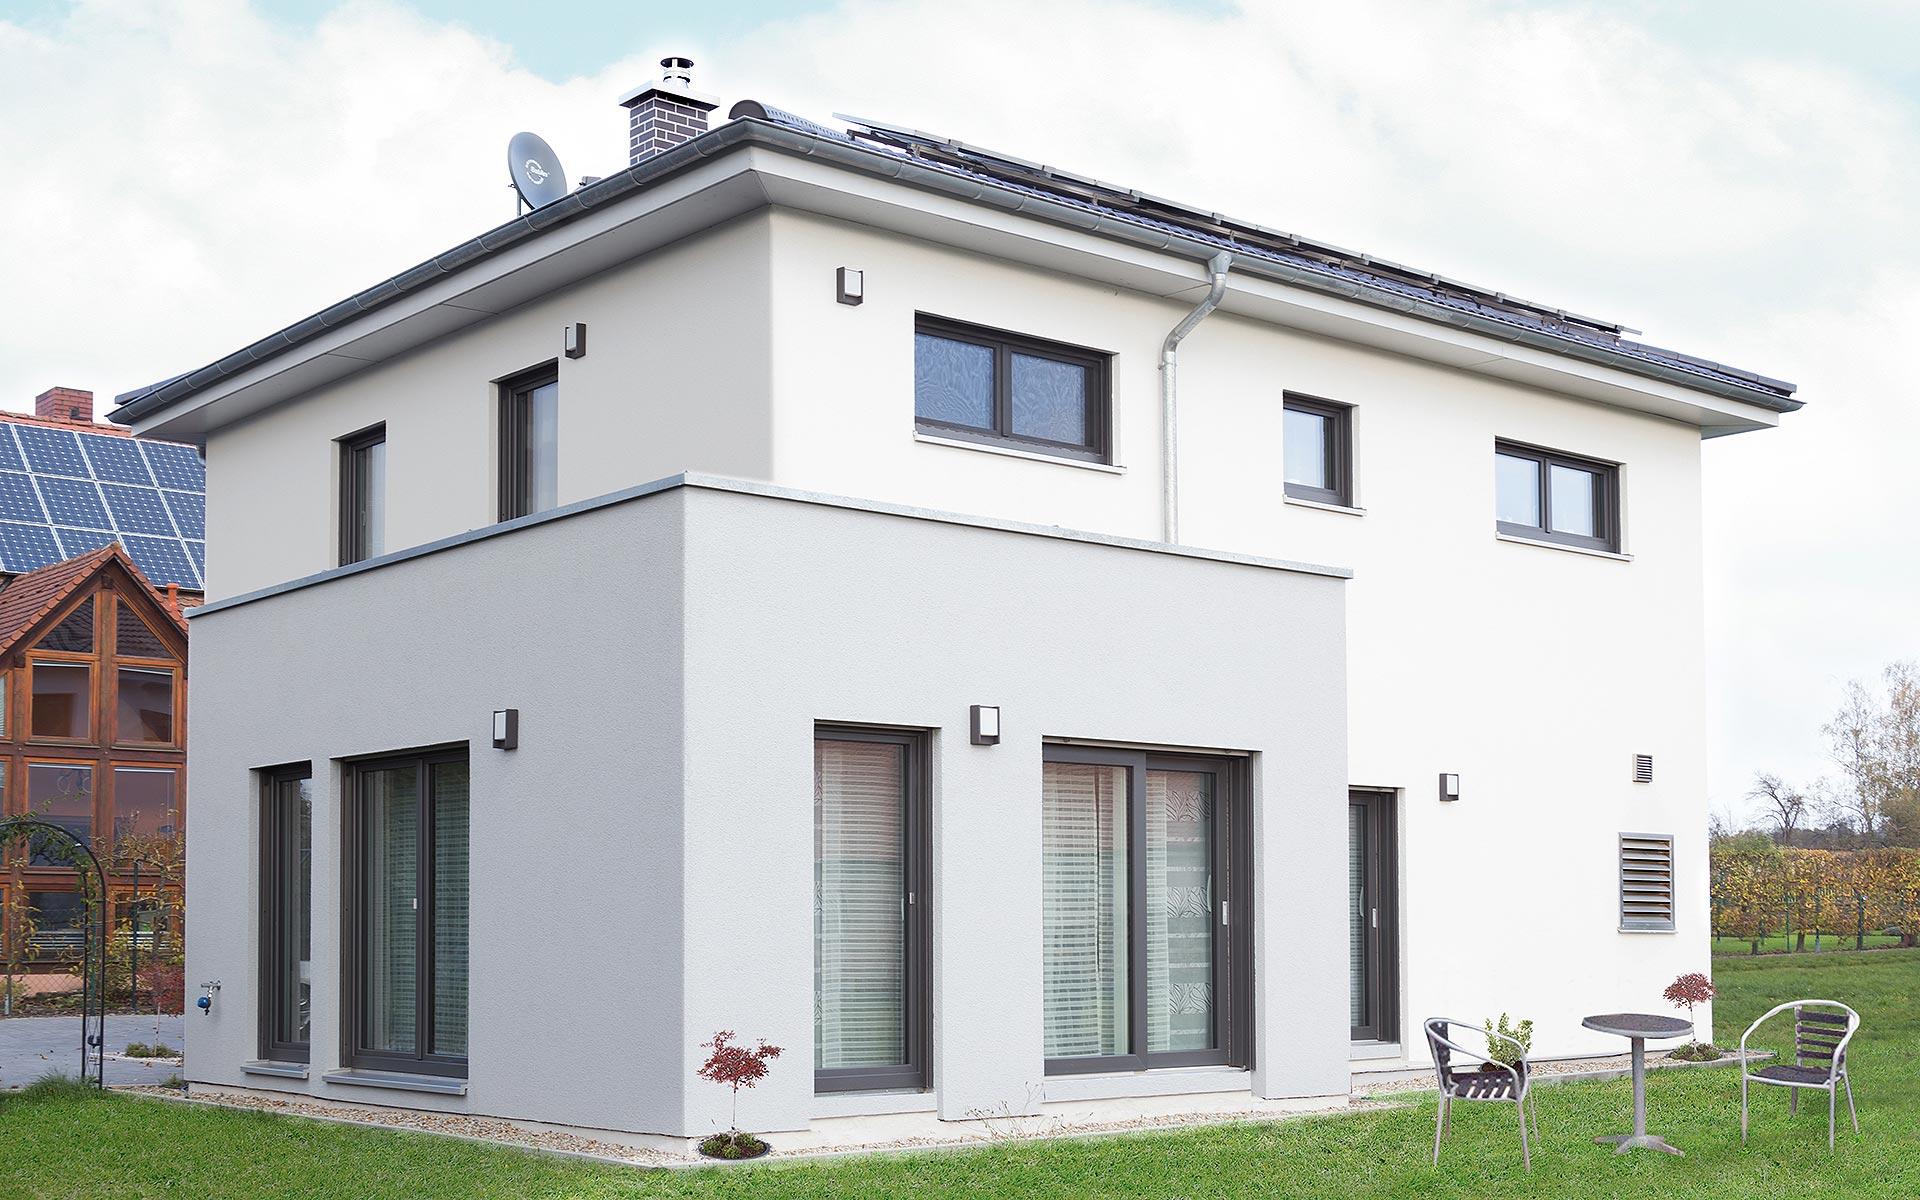 Stadtvilla 165 von FischerHaus GmbH & Co. KG